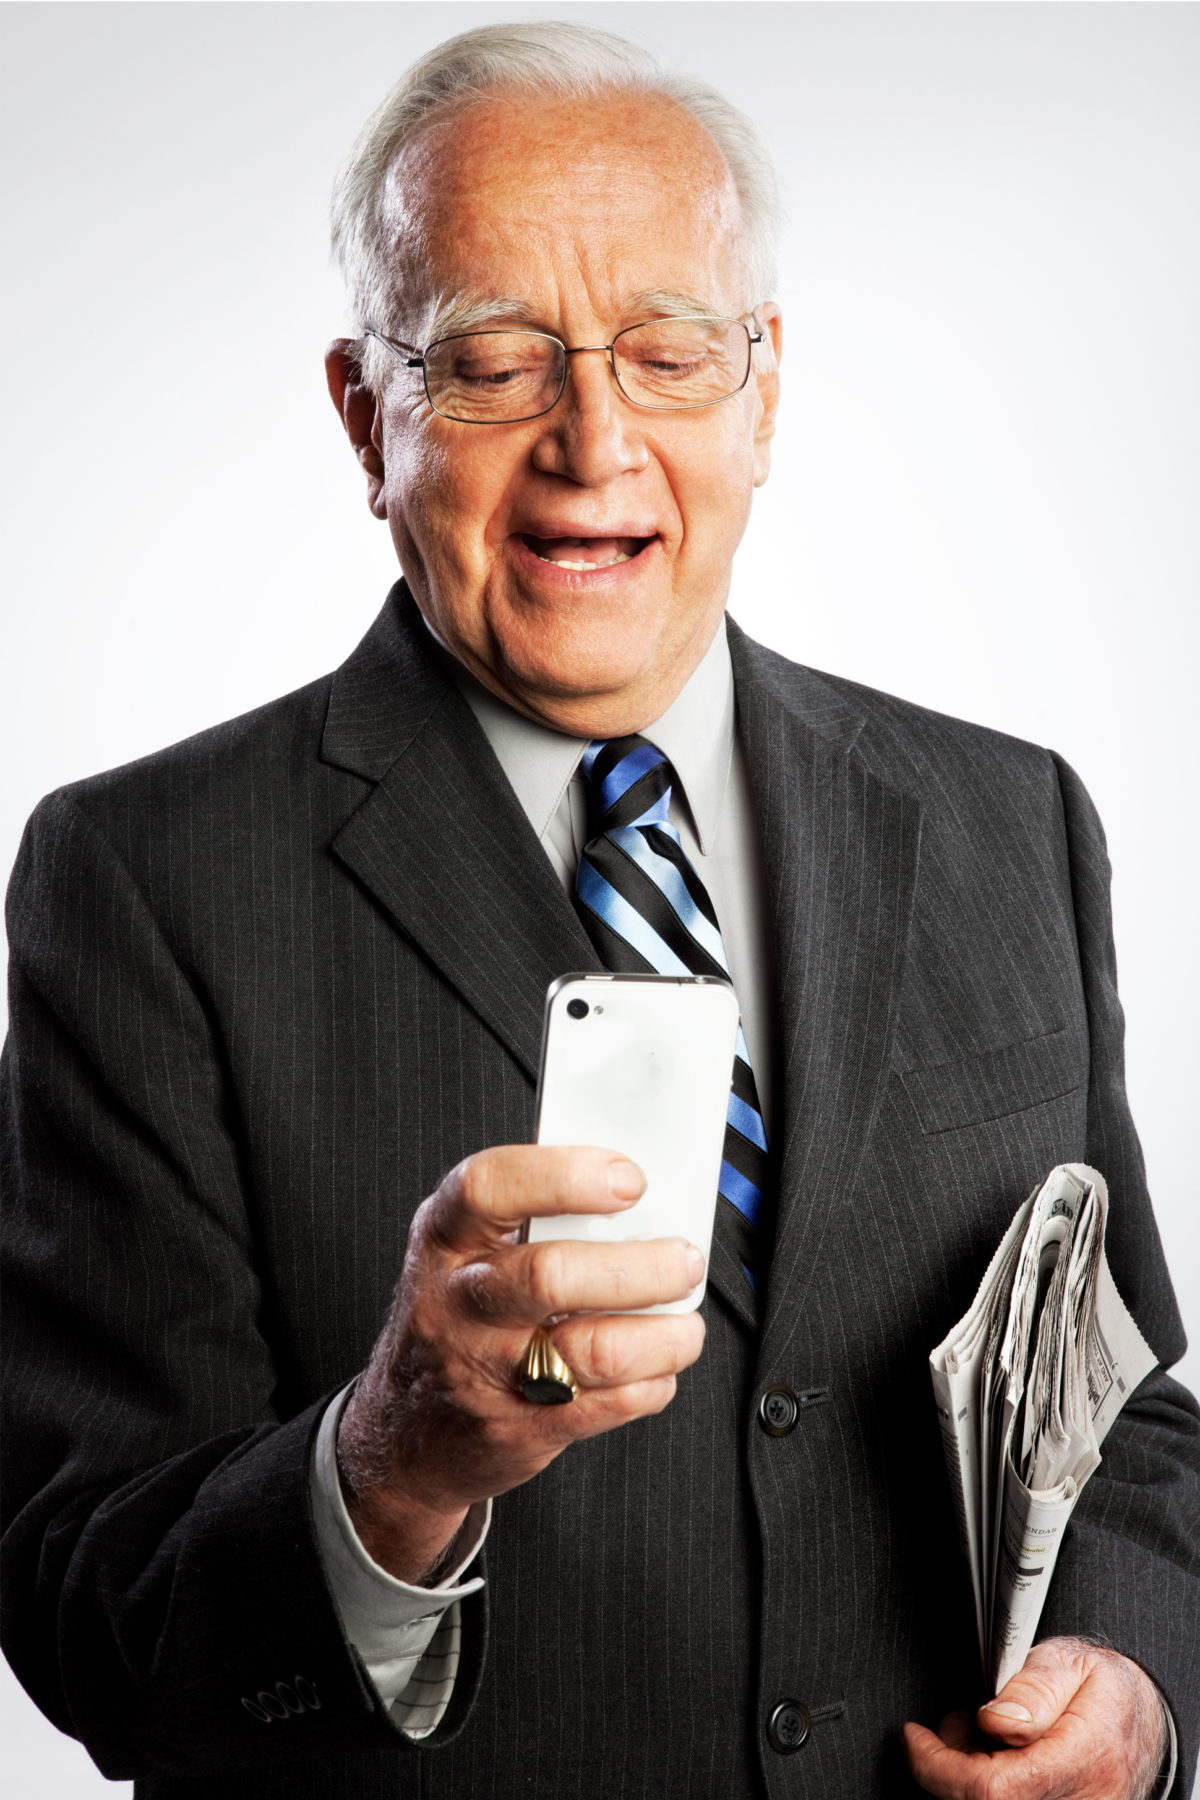 Notre comparatif de smartphones pour personnes âgées